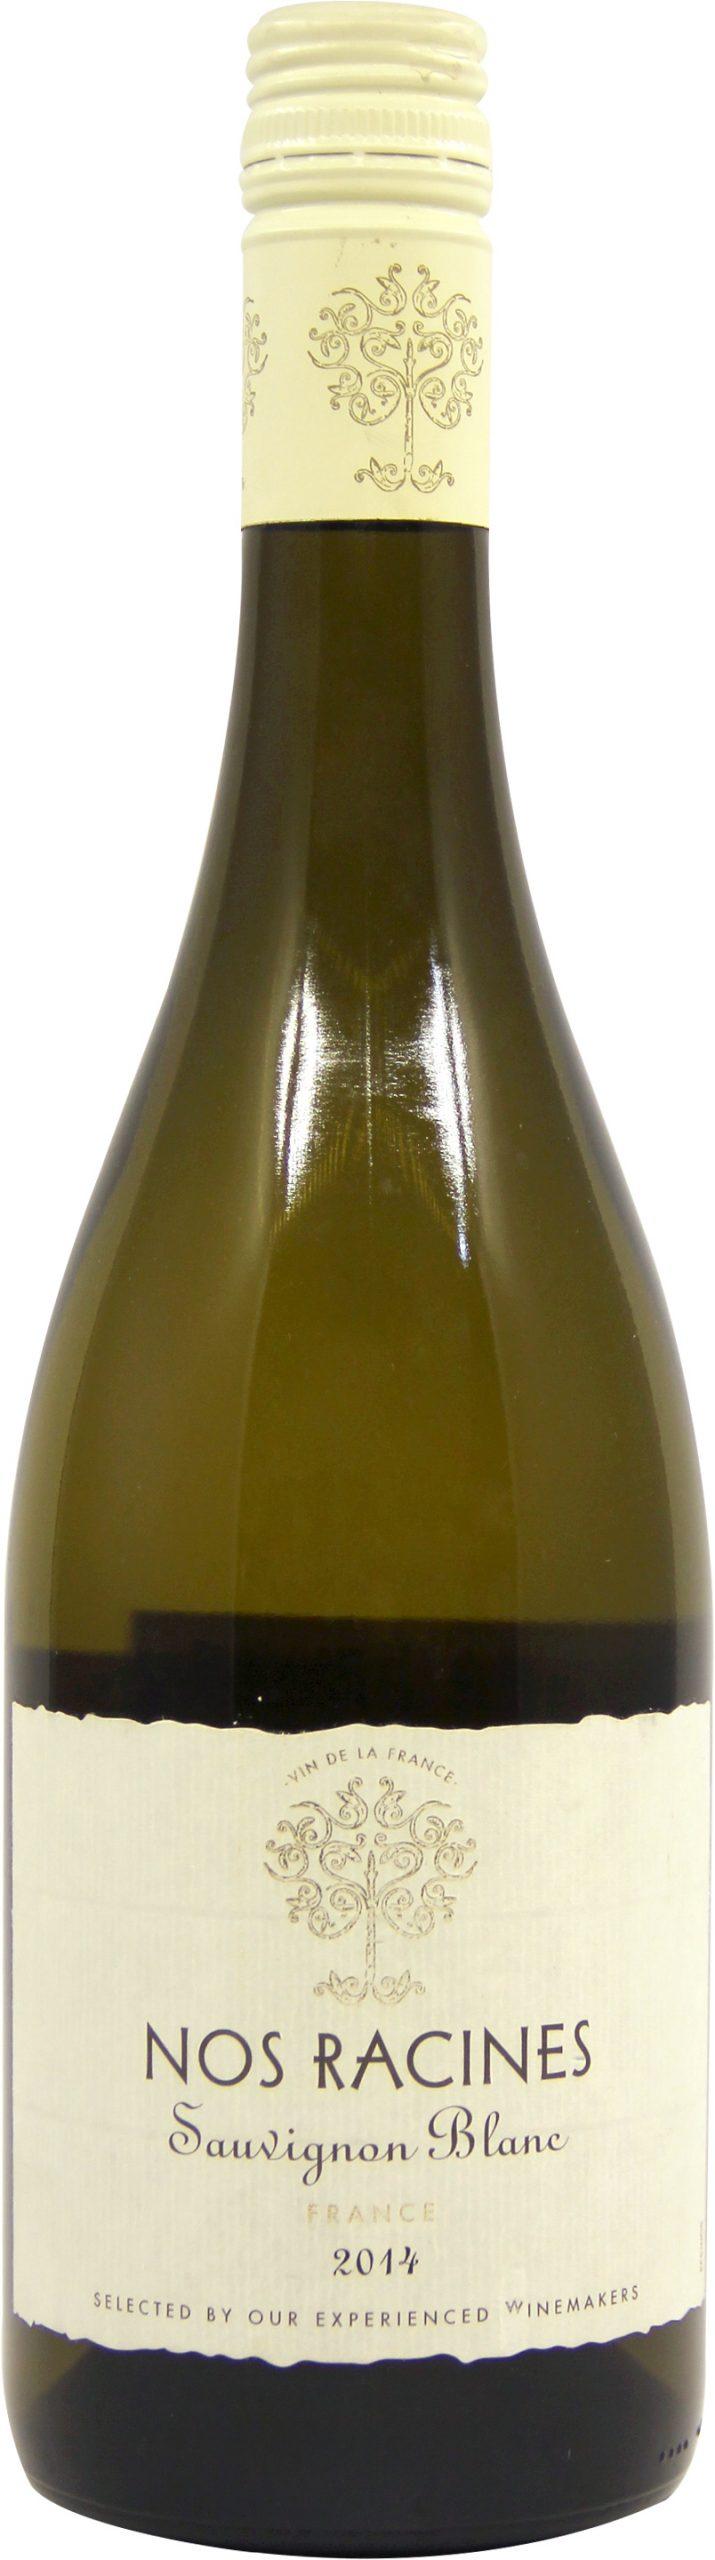 诺斯长相思干白葡萄酒